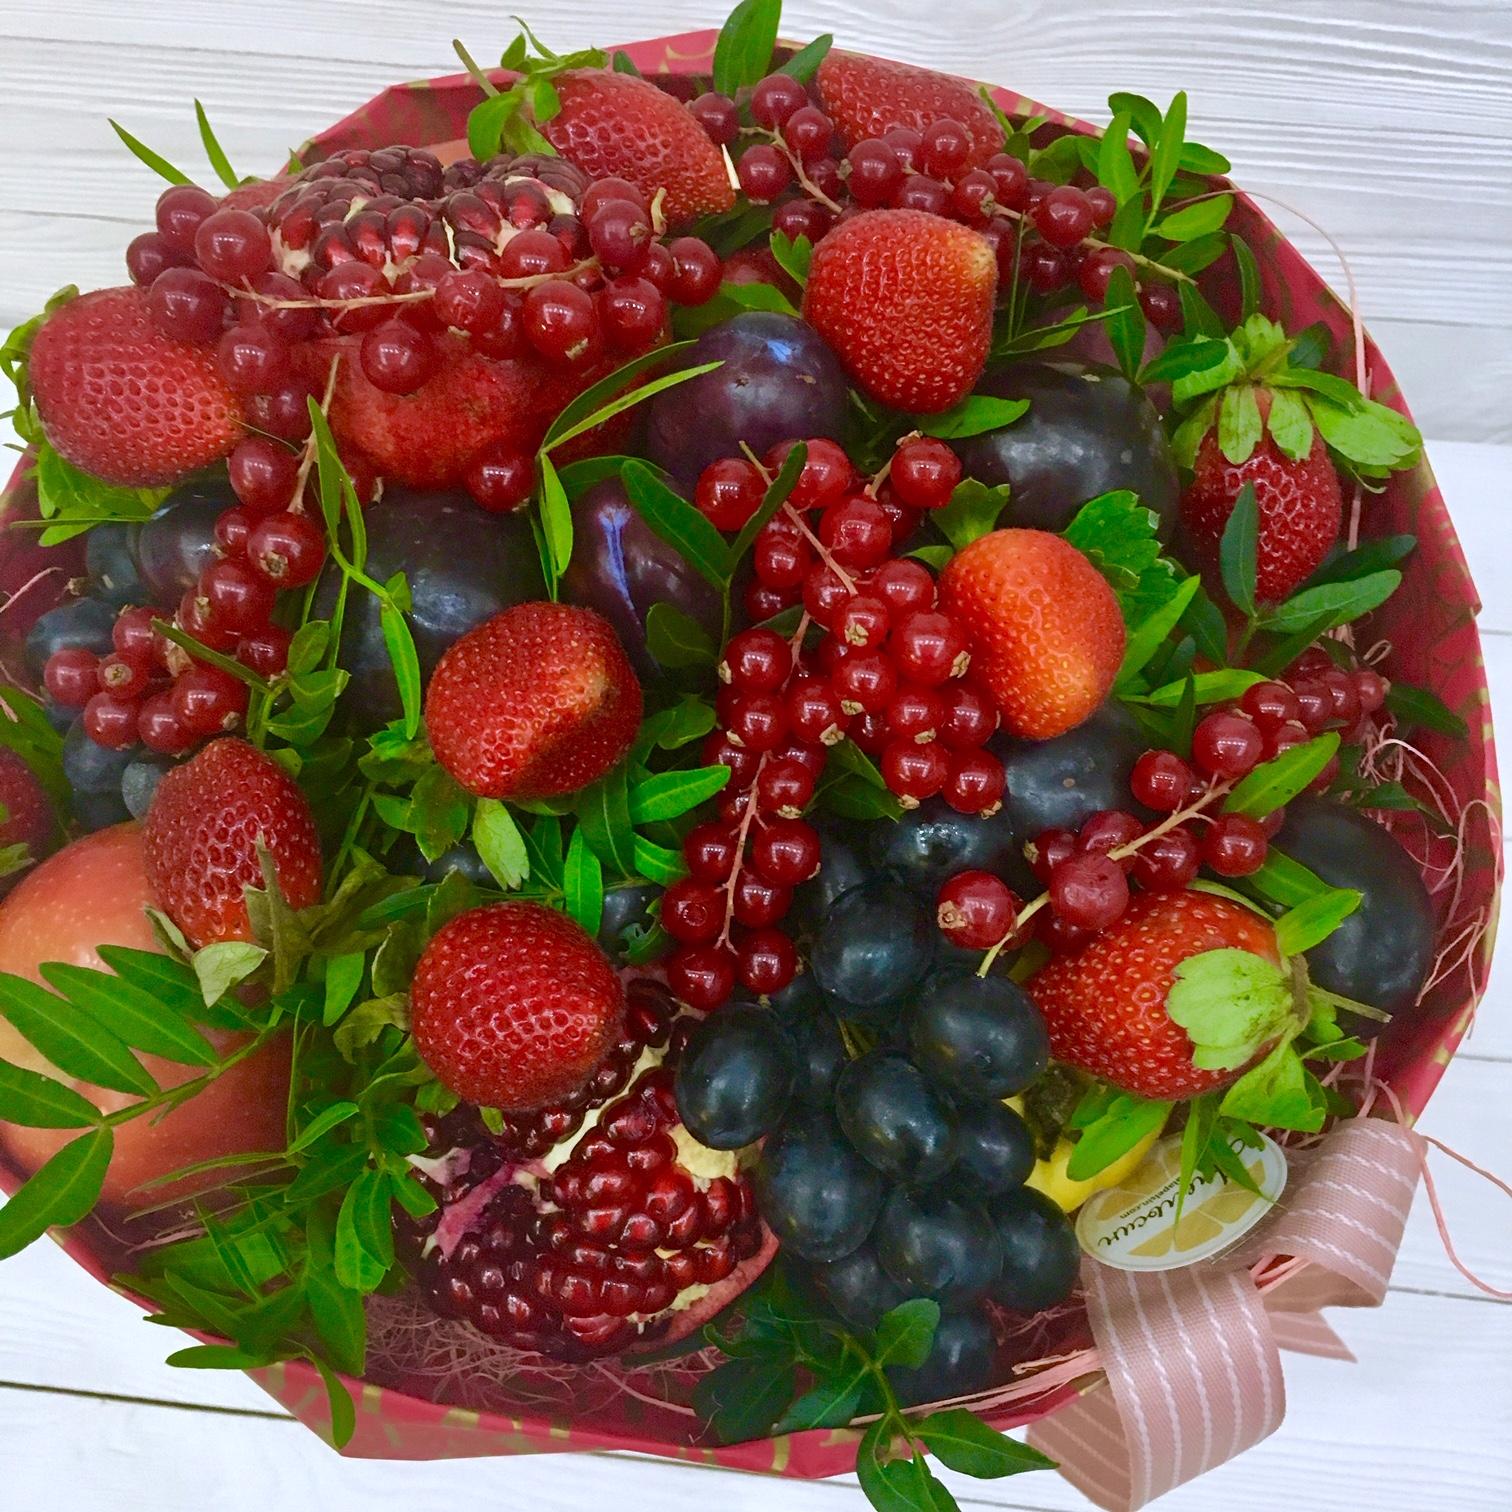 желание букет из ягод фото шоколадный